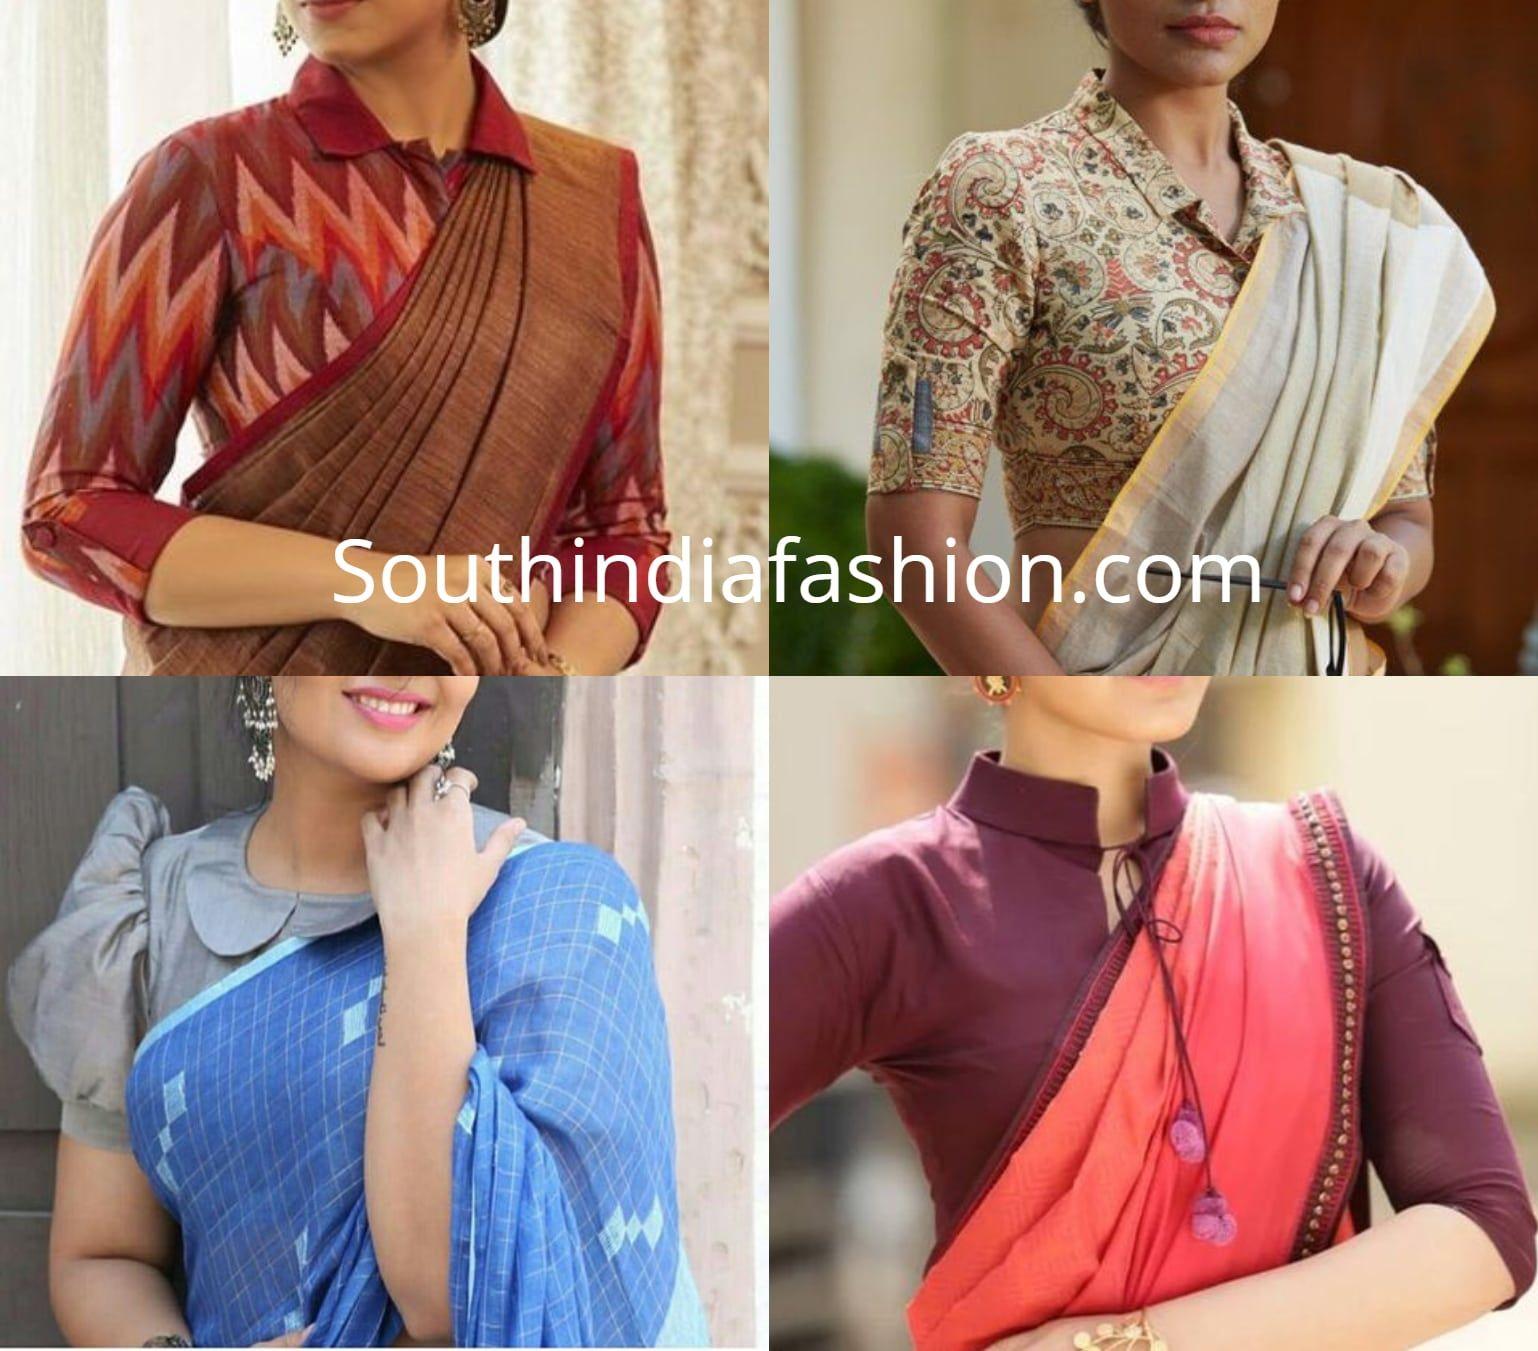 Pin By Ruchi Mahaur On Seamstress Saree Blouse Designs Blouse